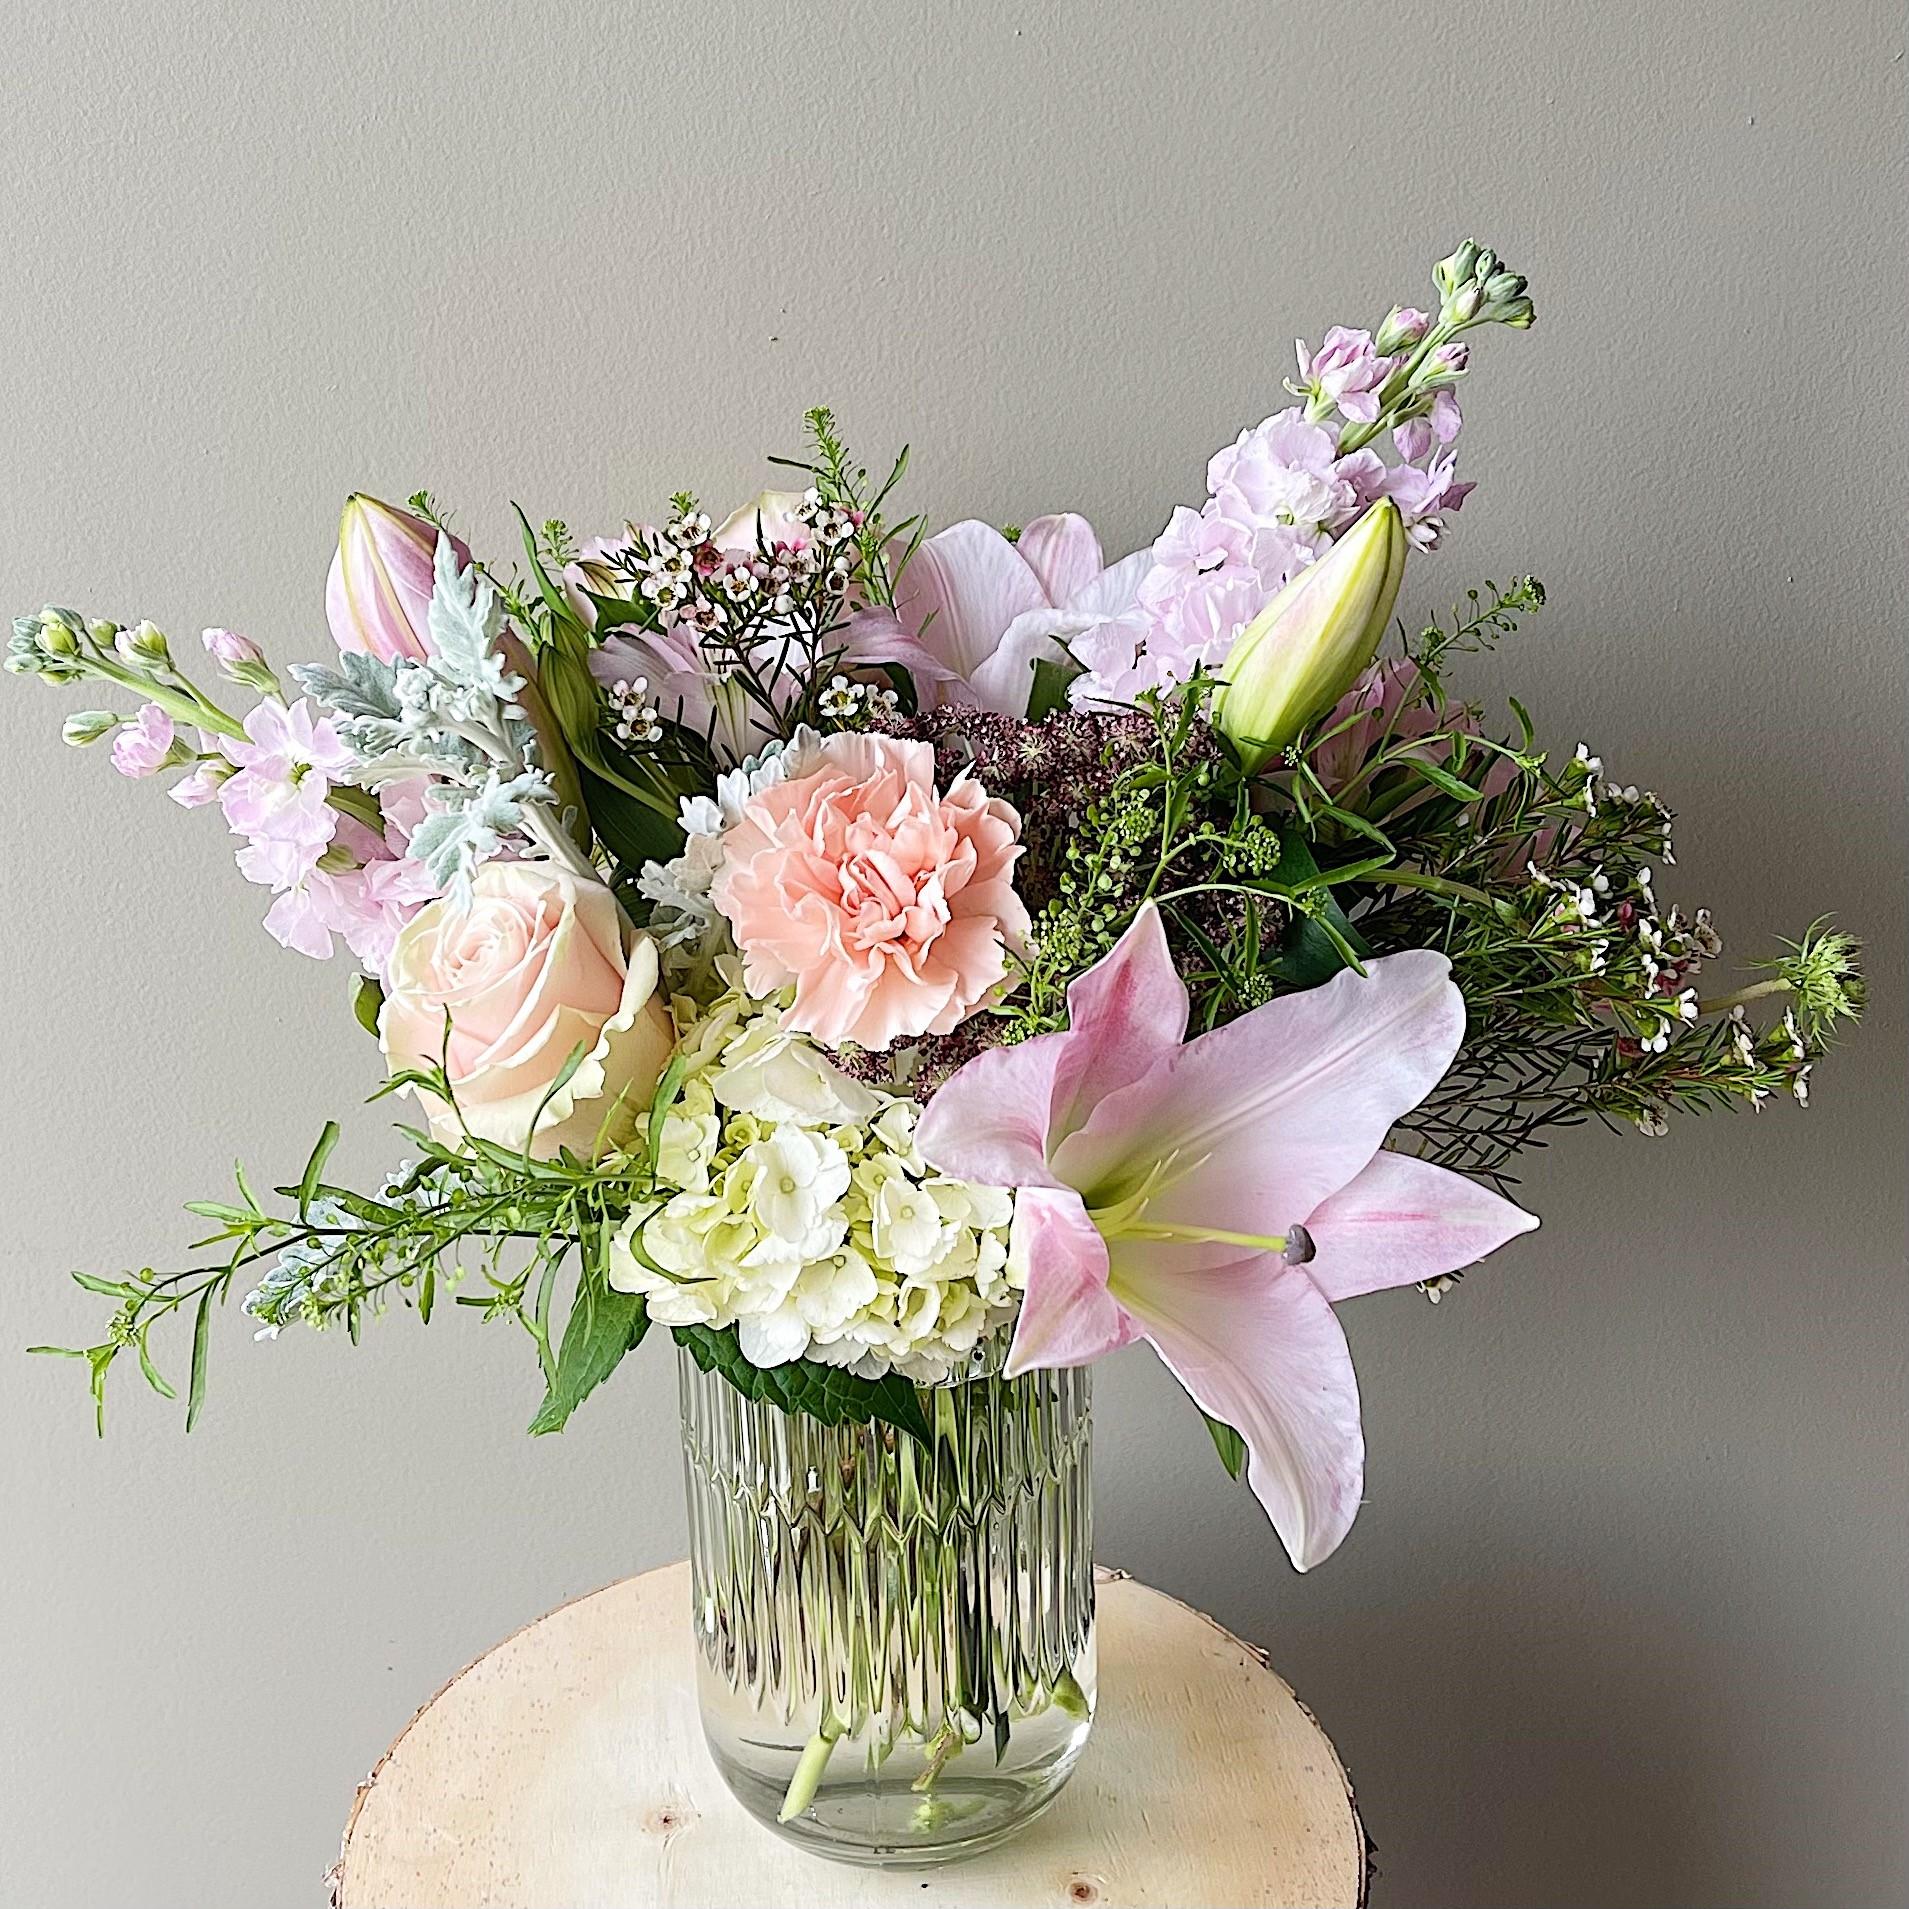 Forth's Vintage Garden Bouquet